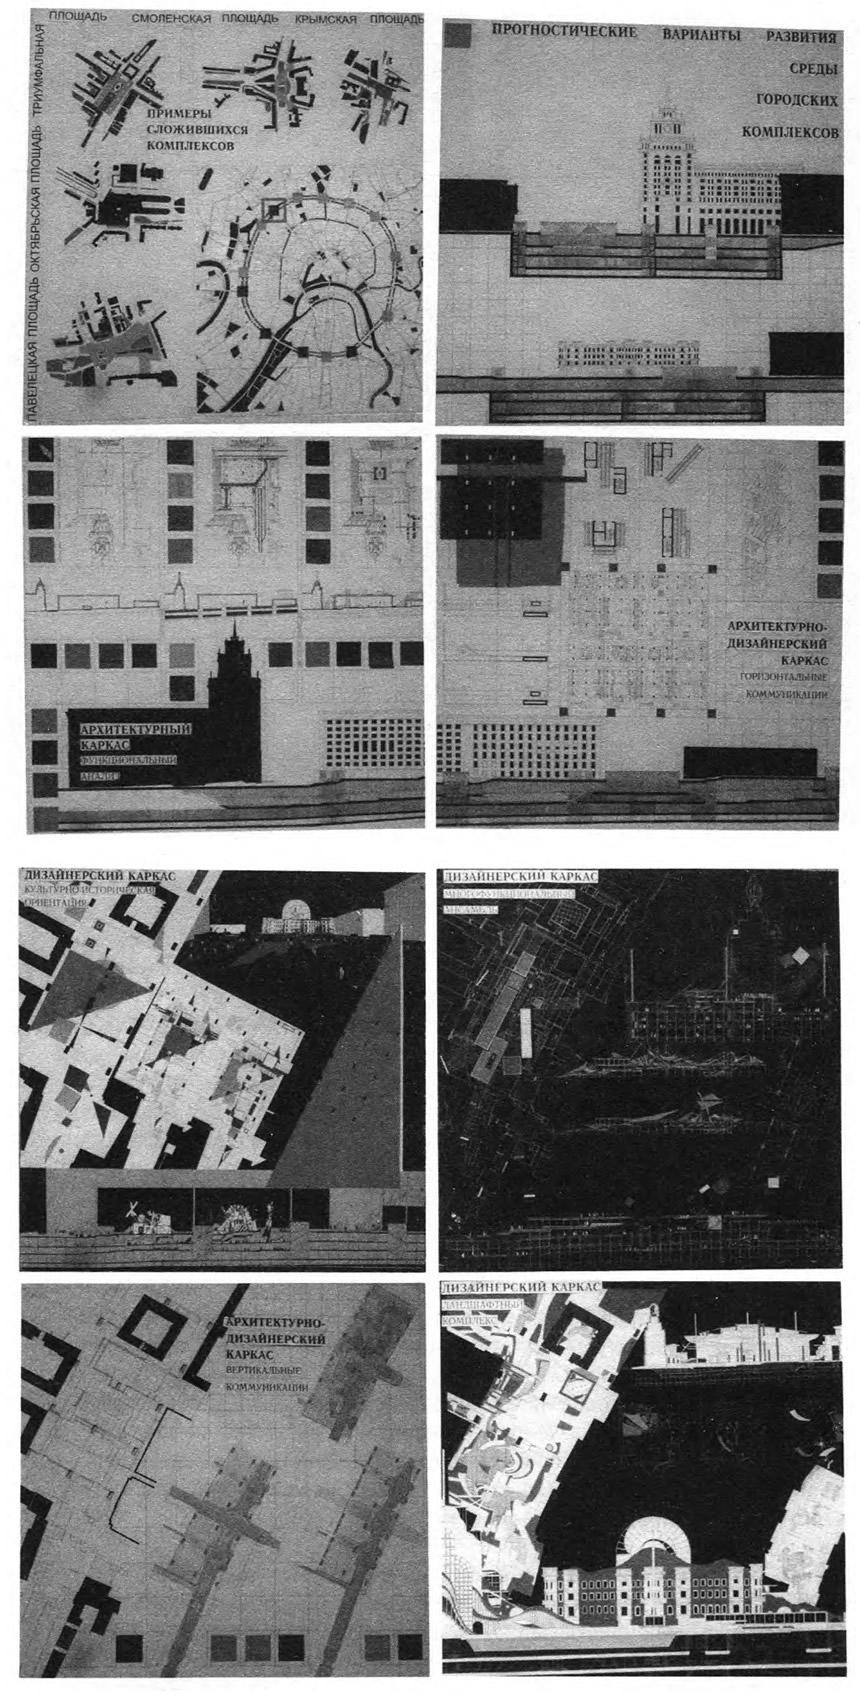 Диплом Е. Фарвазова, Архитектурно-дизайнерский каркас развития среды крупного городского комплекса